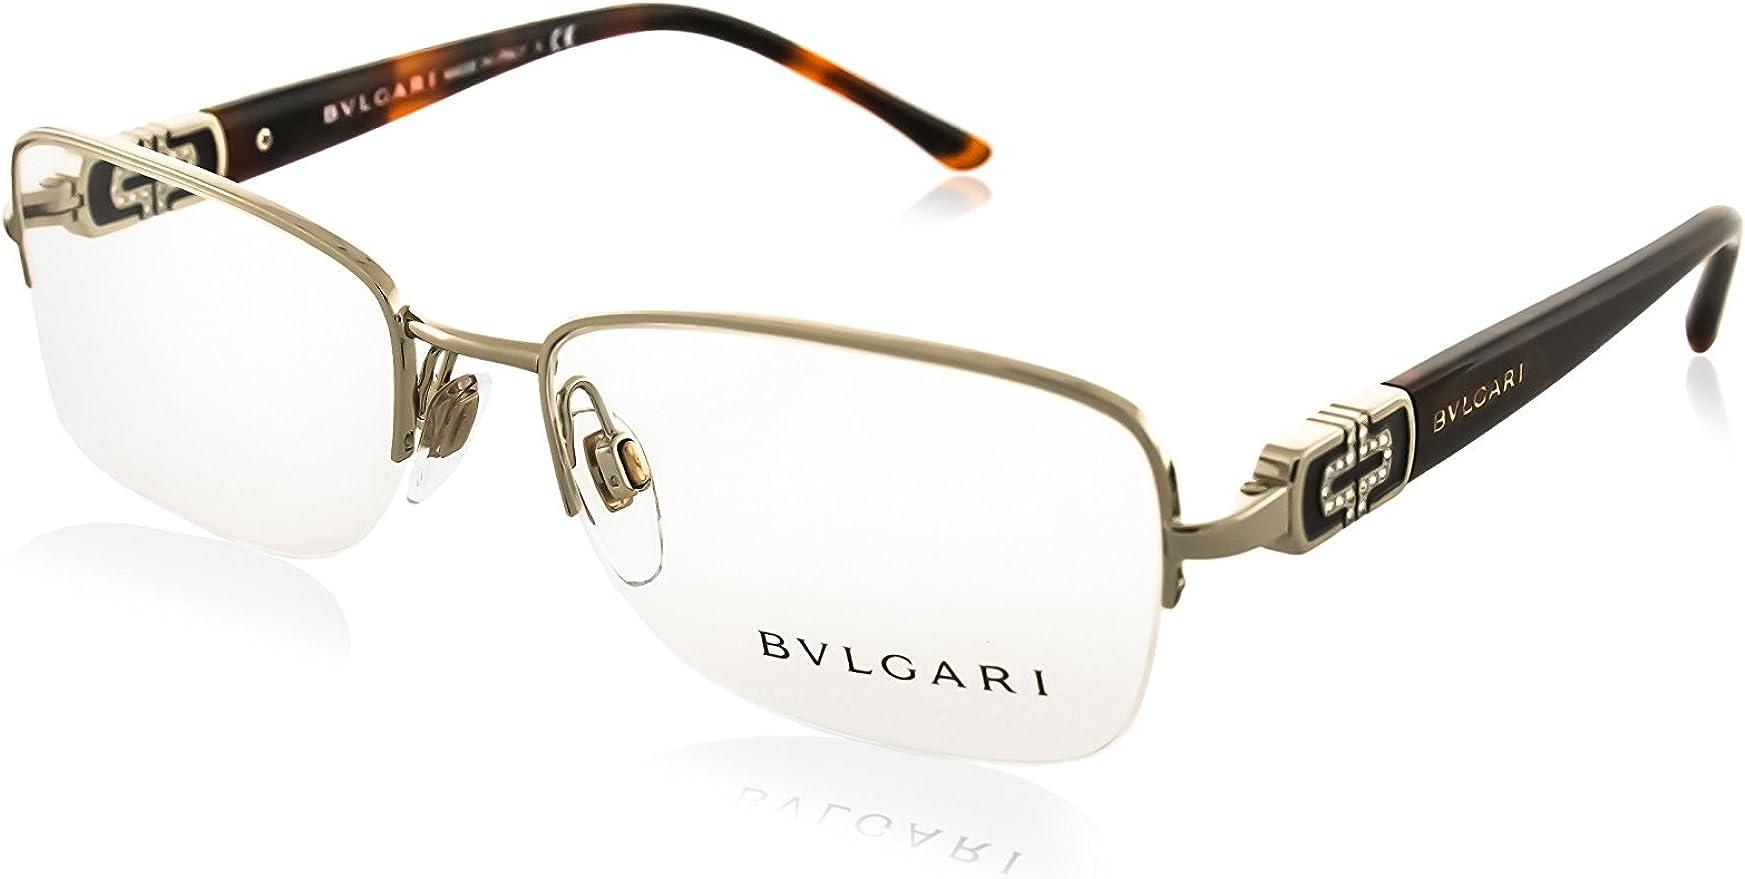 Bulgari - Montura de gafas - para mujer Plateado plata: Amazon.es: Ropa y accesorios